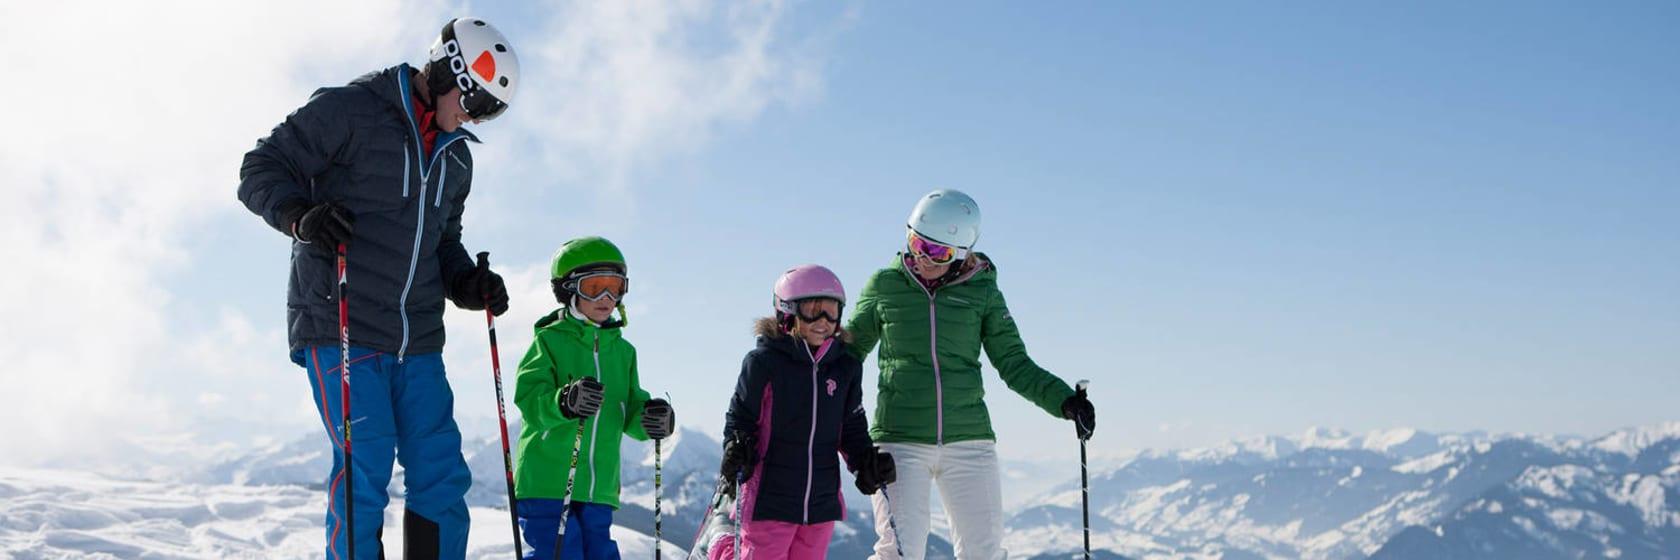 Familie på skiferie i hvid sne og blå himmel